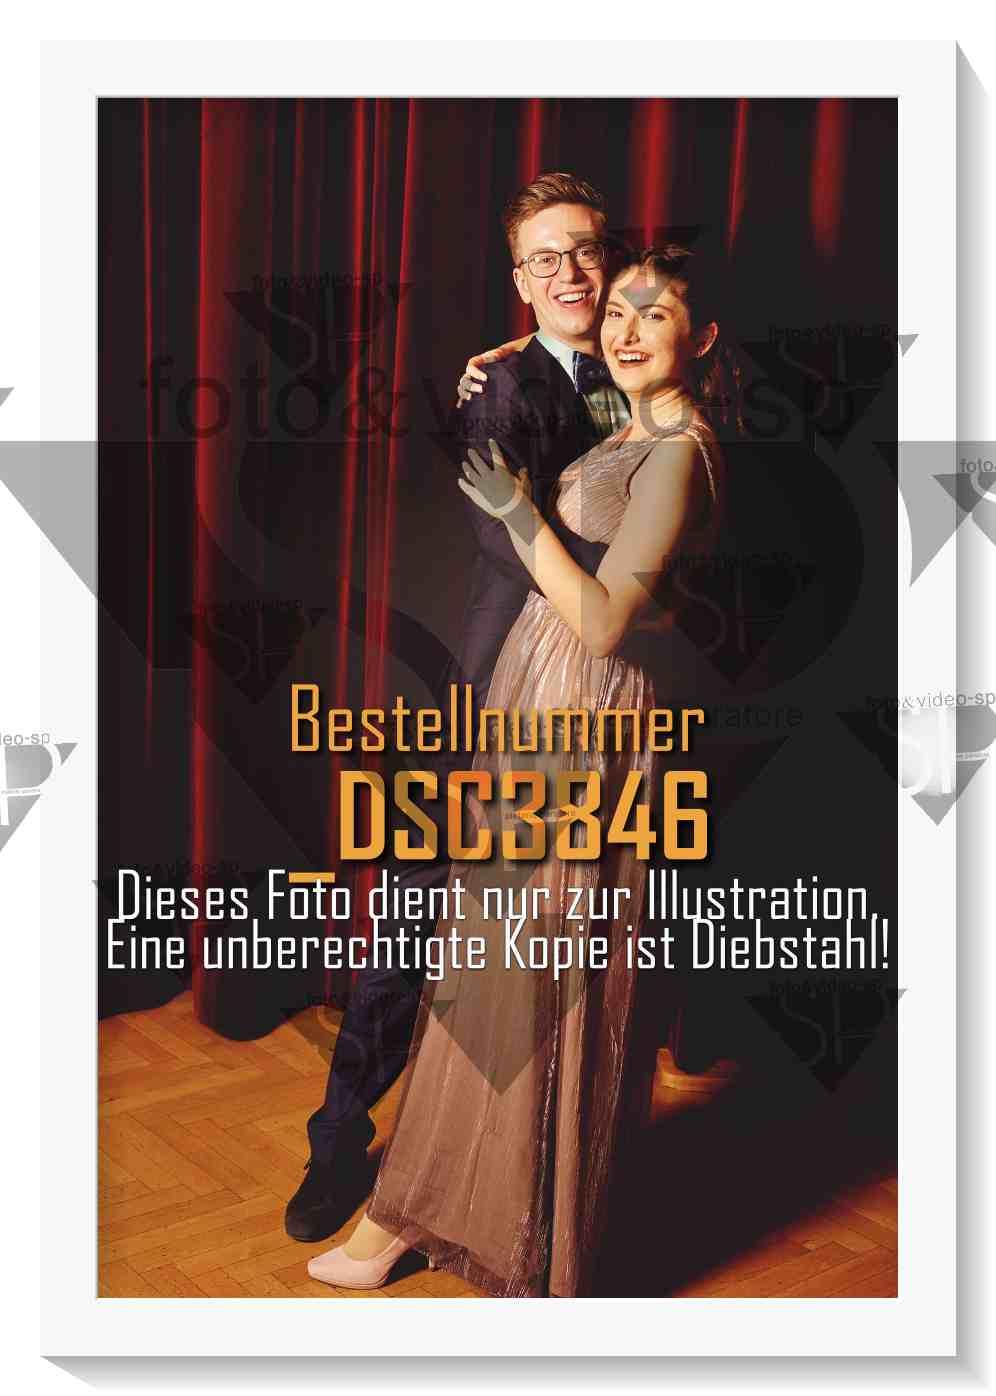 DSC3846